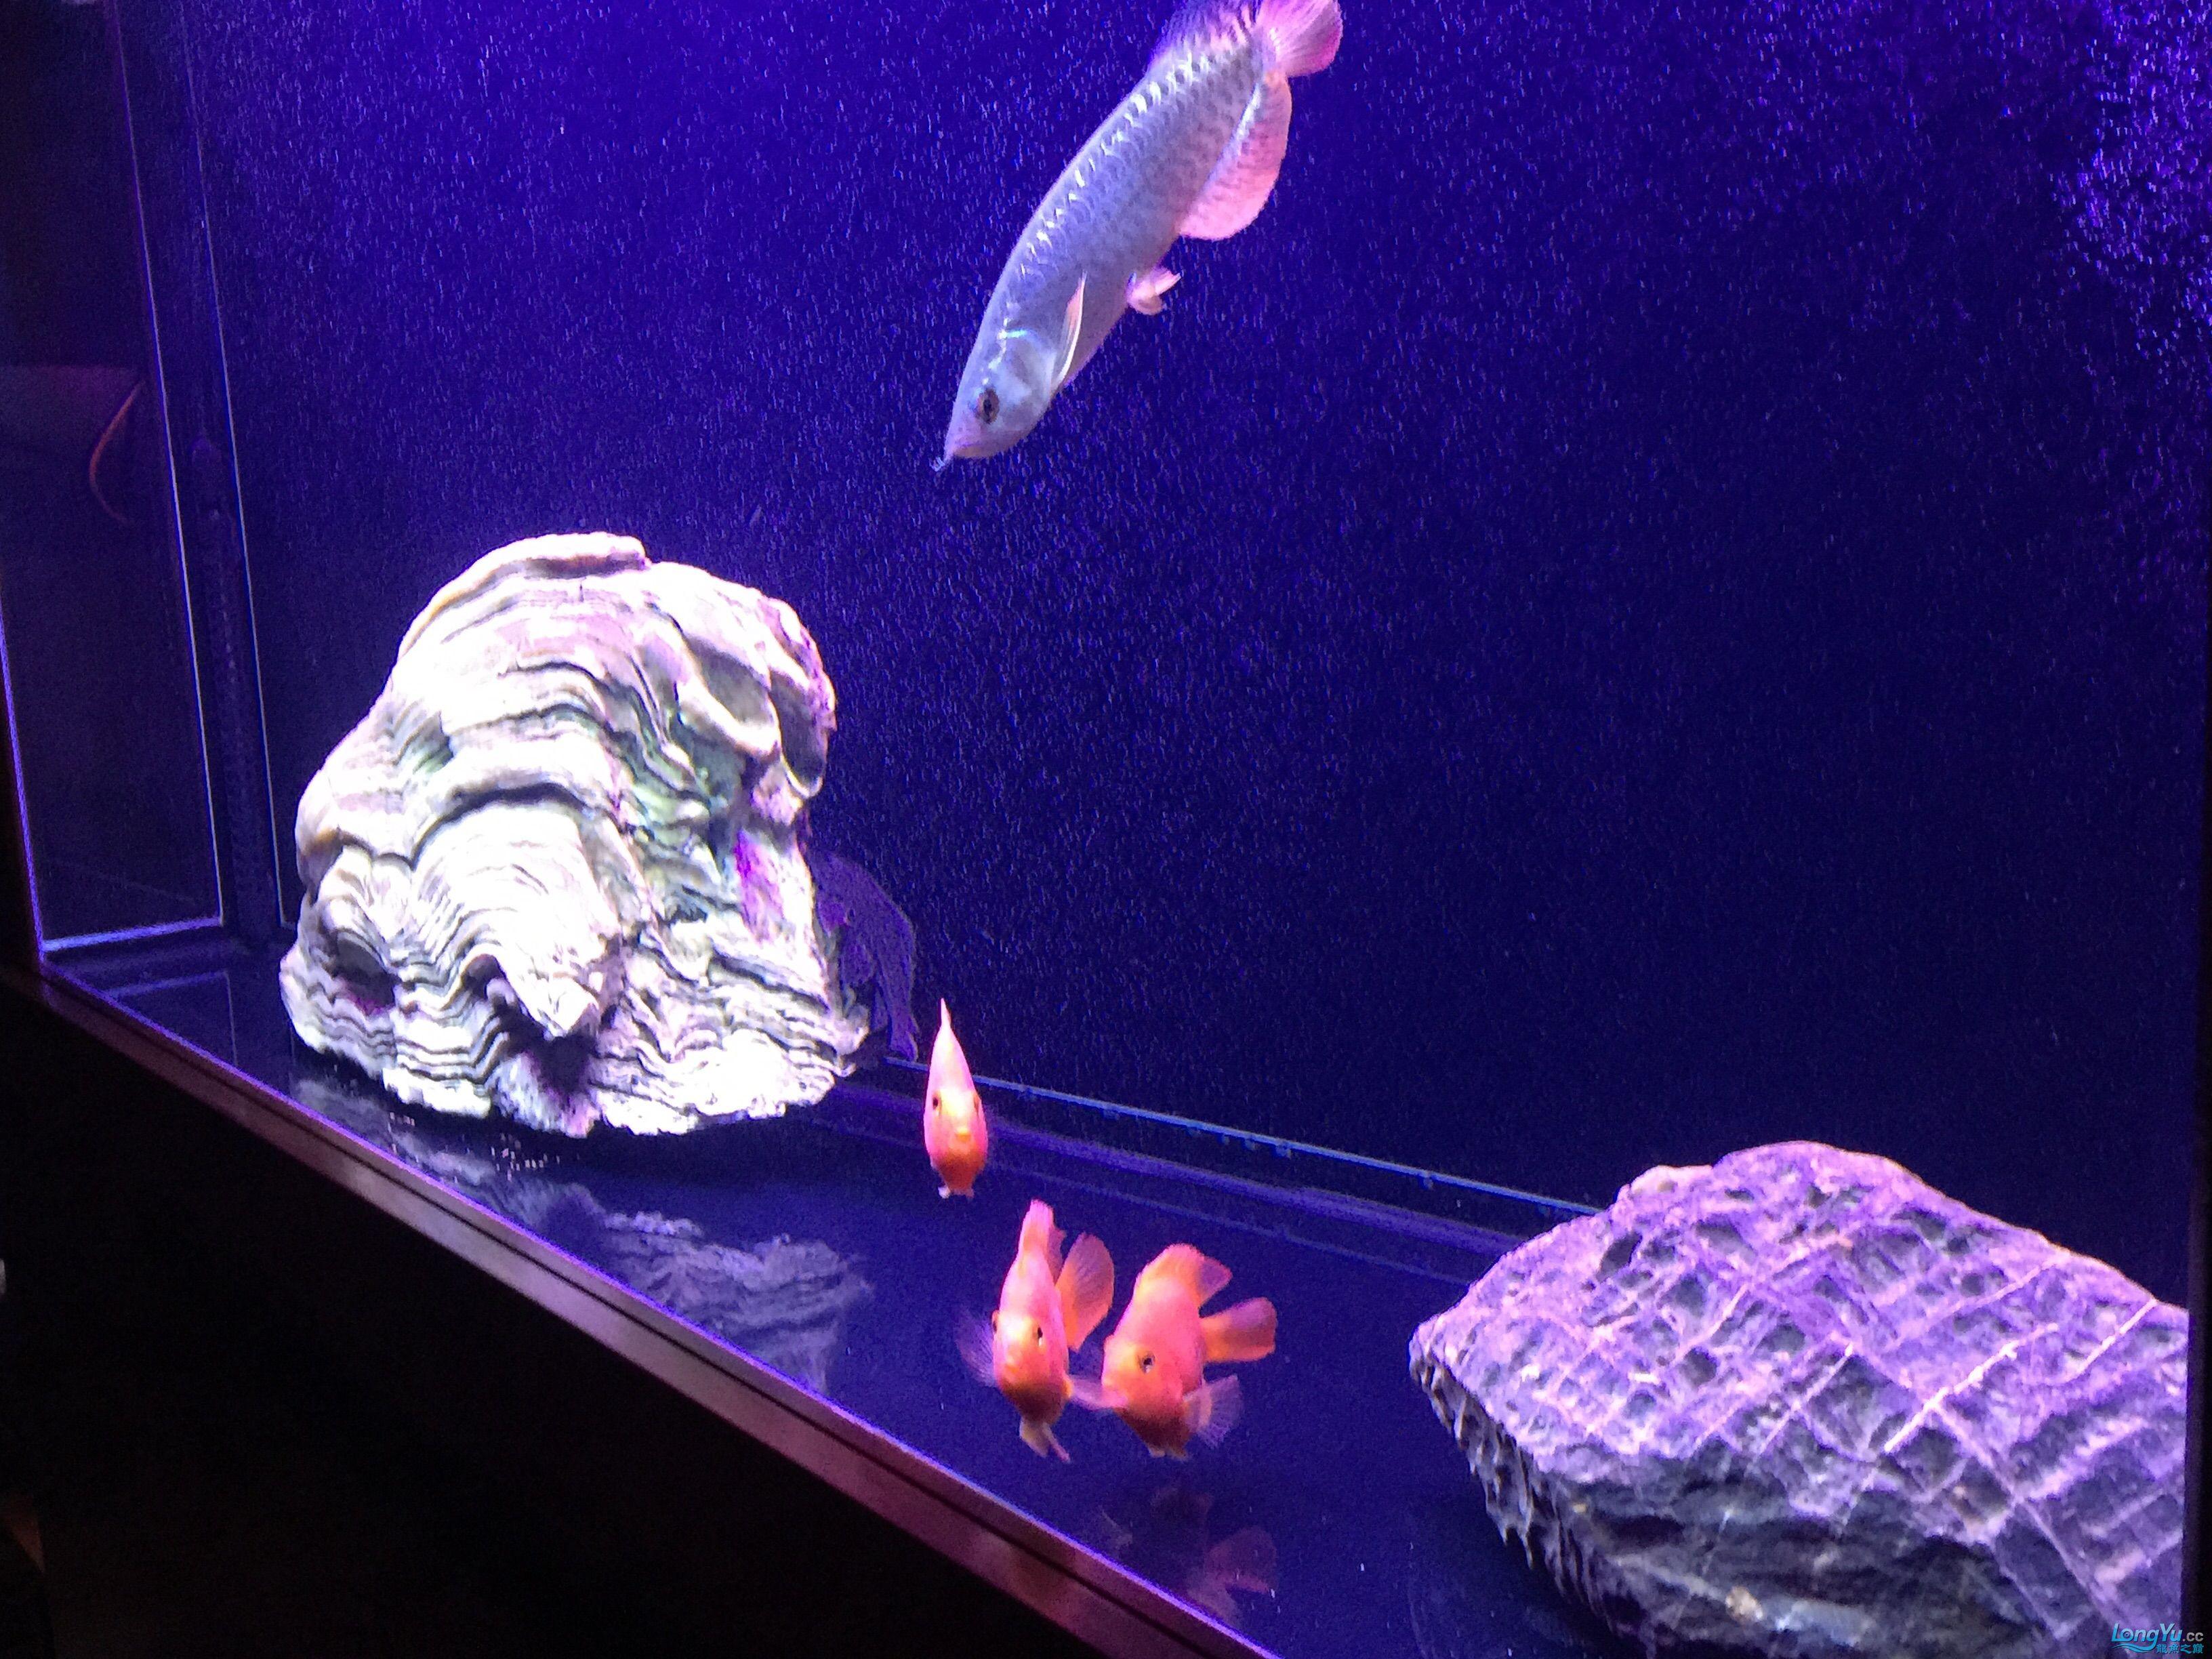 小龙入缸第二天状态很好很喜欢 北京观赏鱼 北京龙鱼第4张